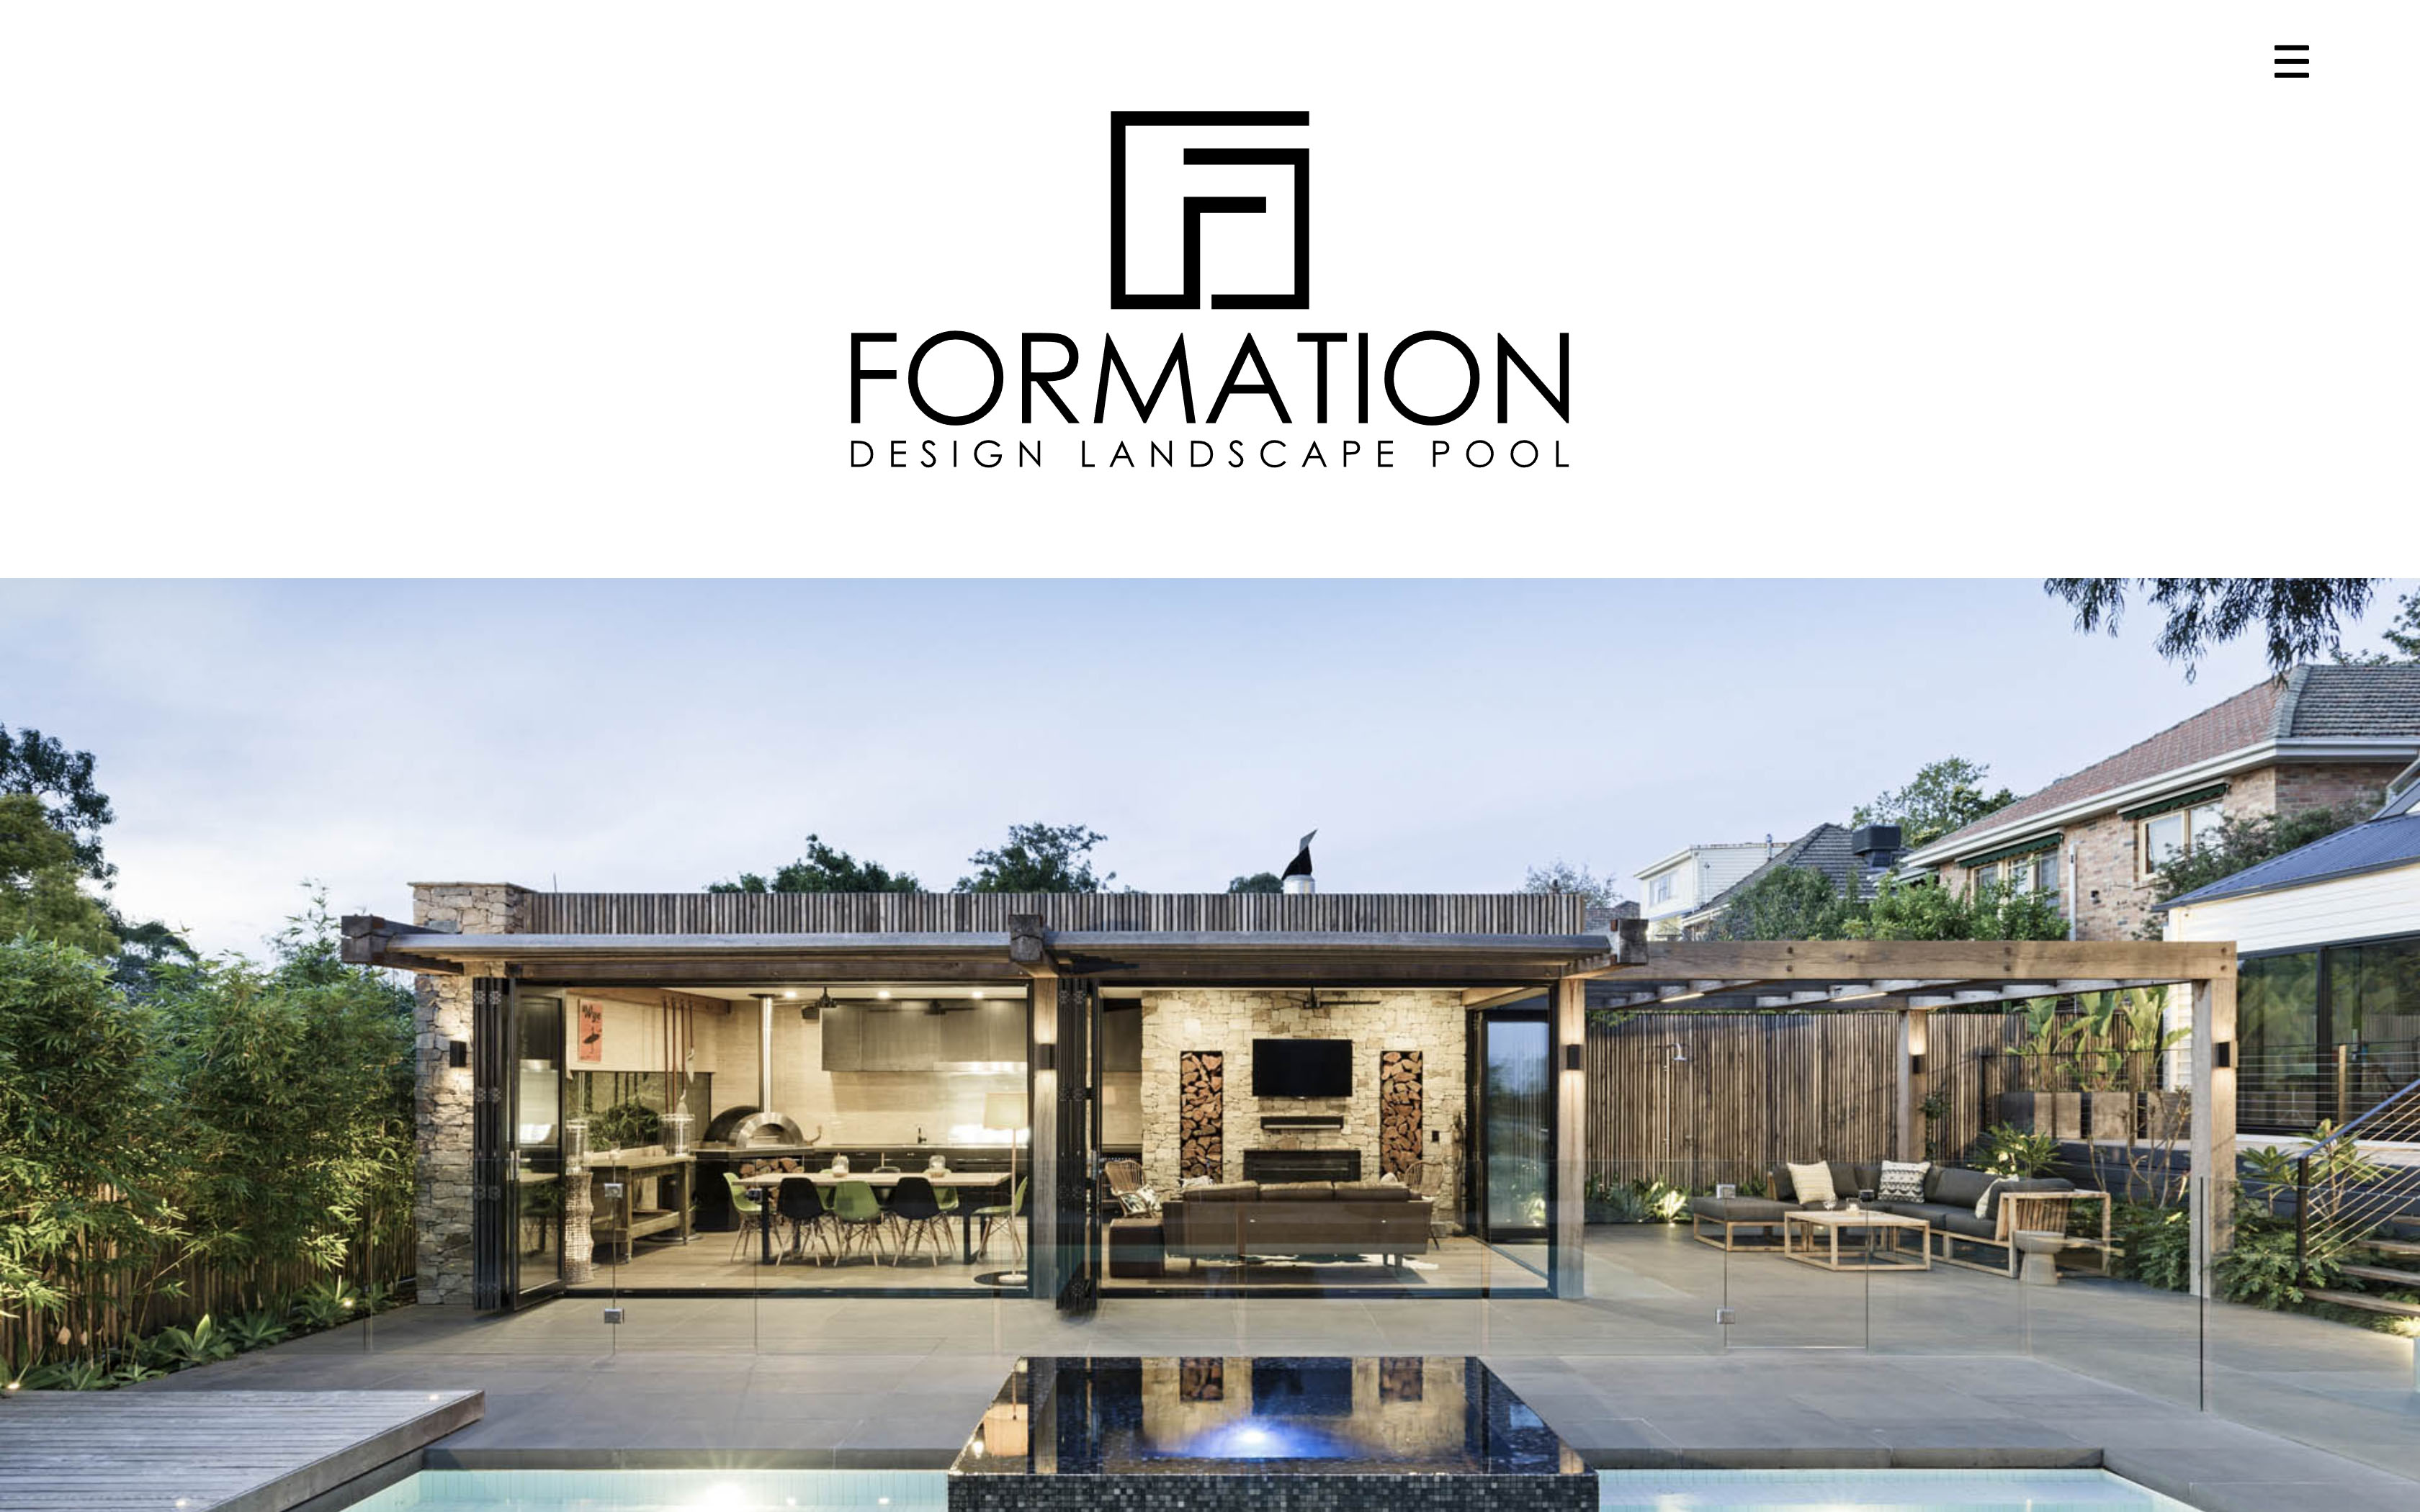 formation-desktop-home.jpg